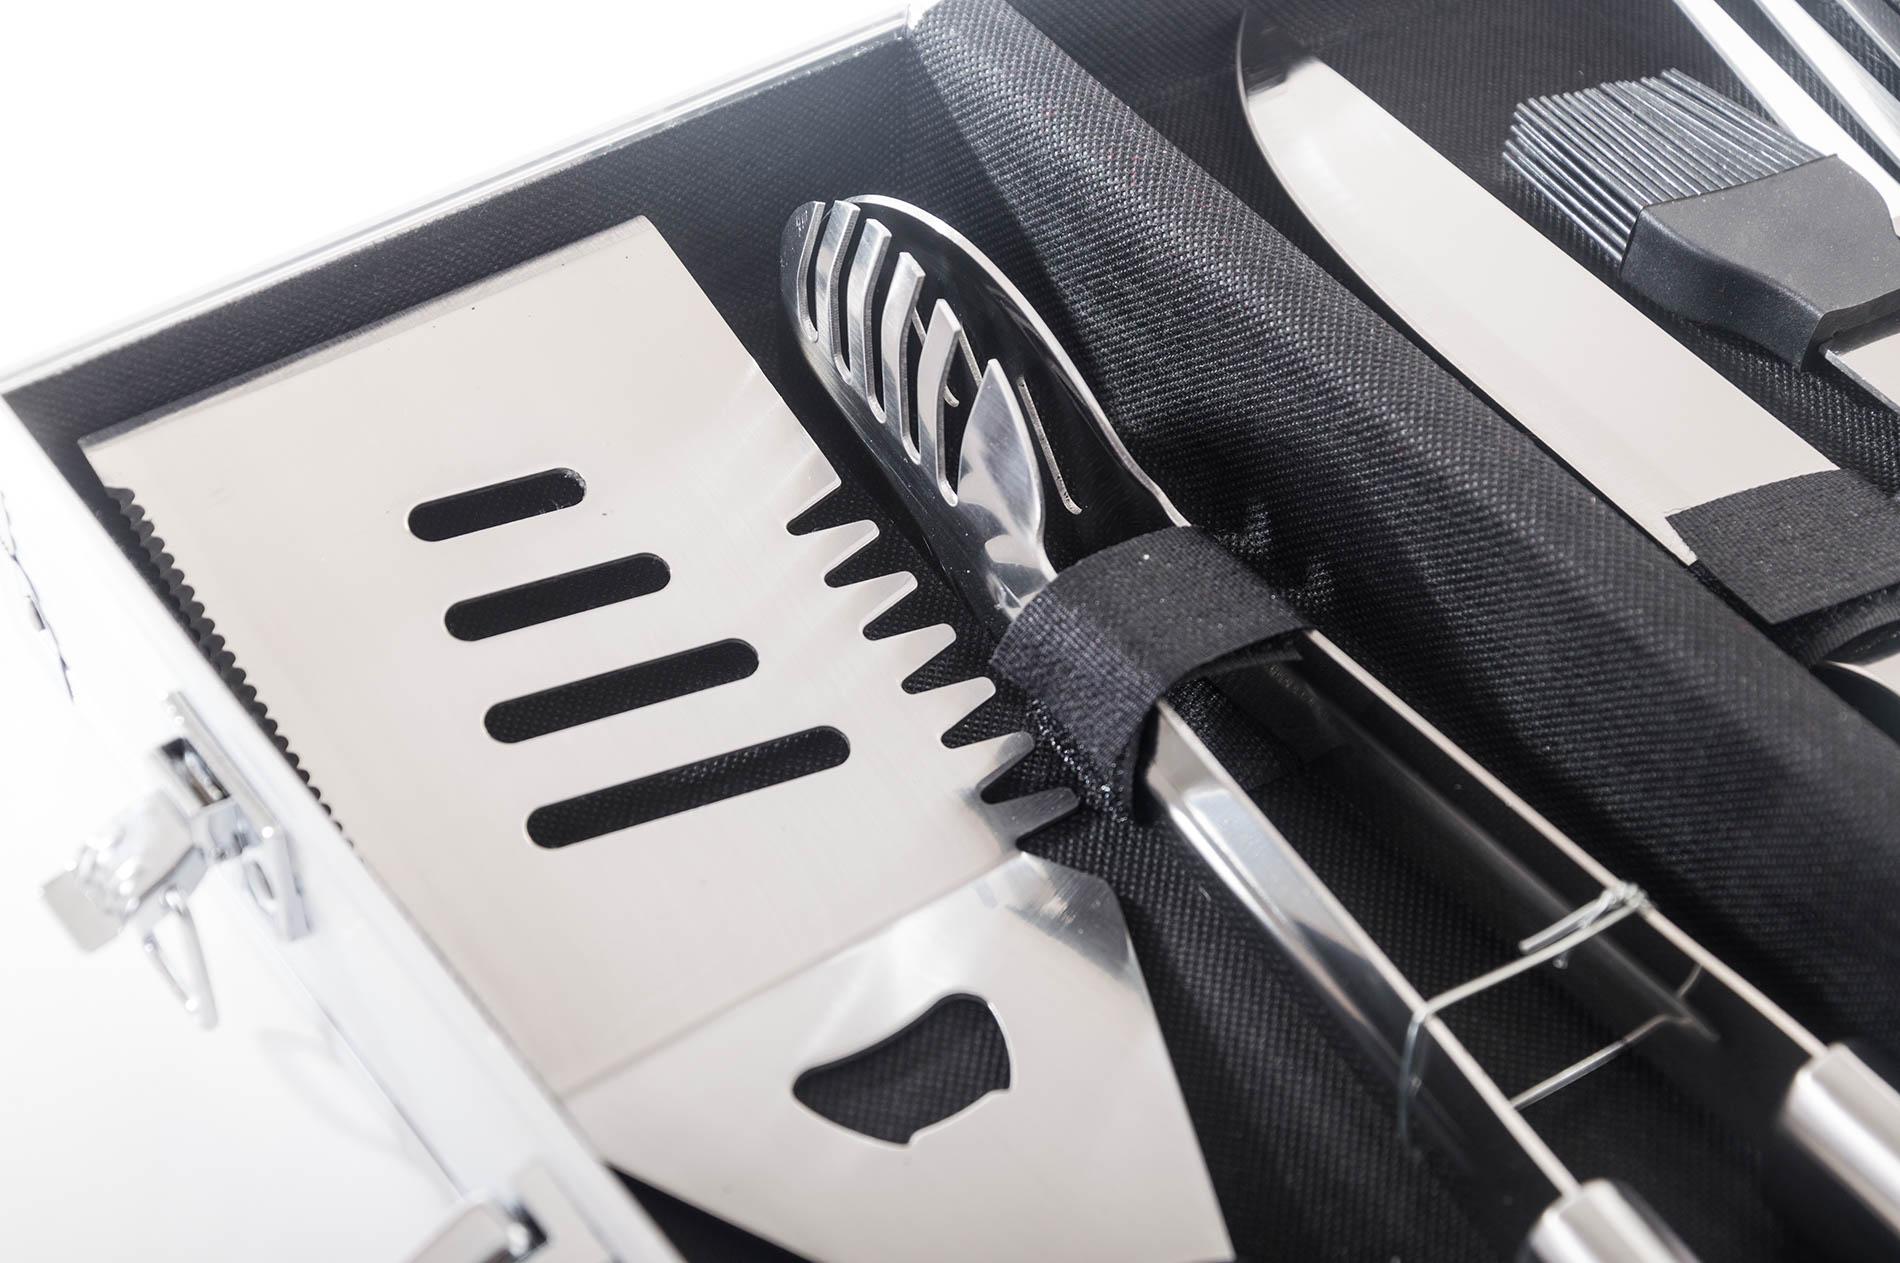 edaf083840661 Grilovacie náradie G21 sada 5 ks, hliníkový kufr | - ITSK - HENRY ...